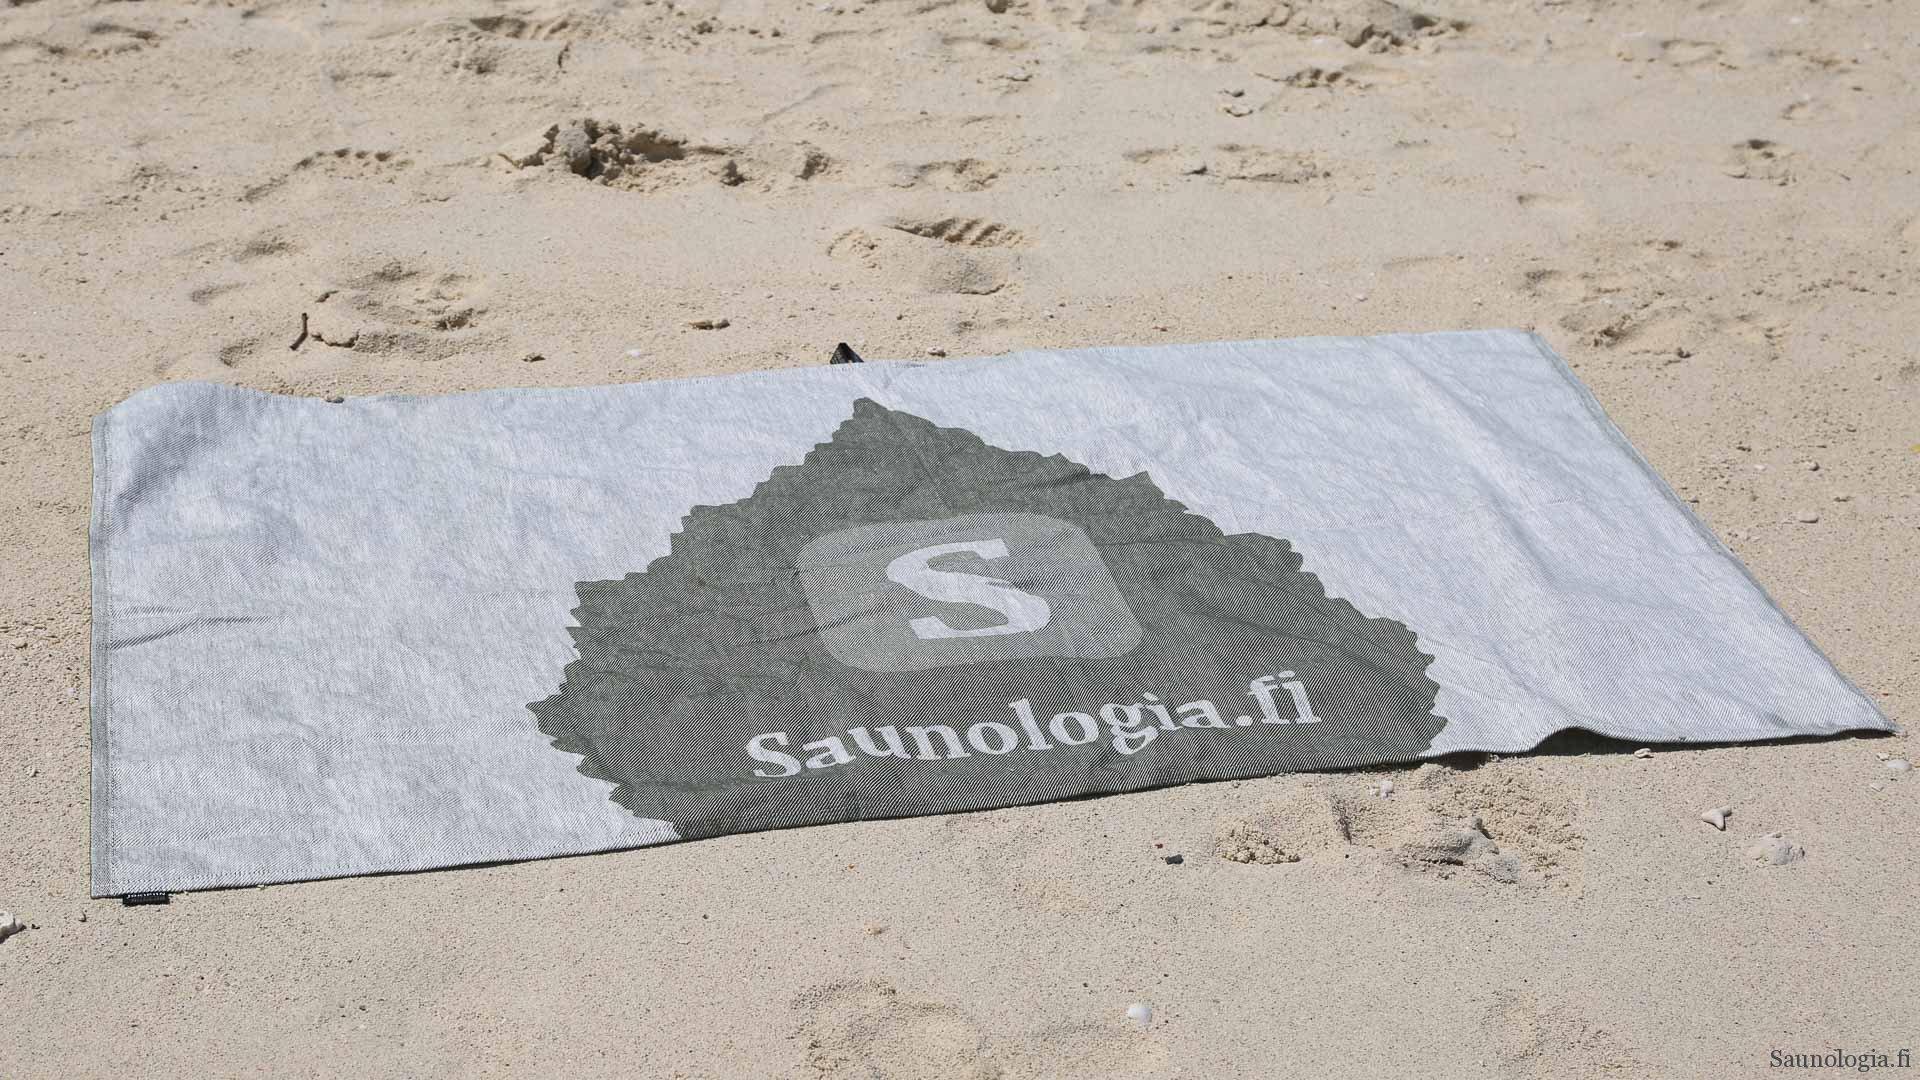 180129-saunatekstiilit-saunologia-rantapyyhe-9377